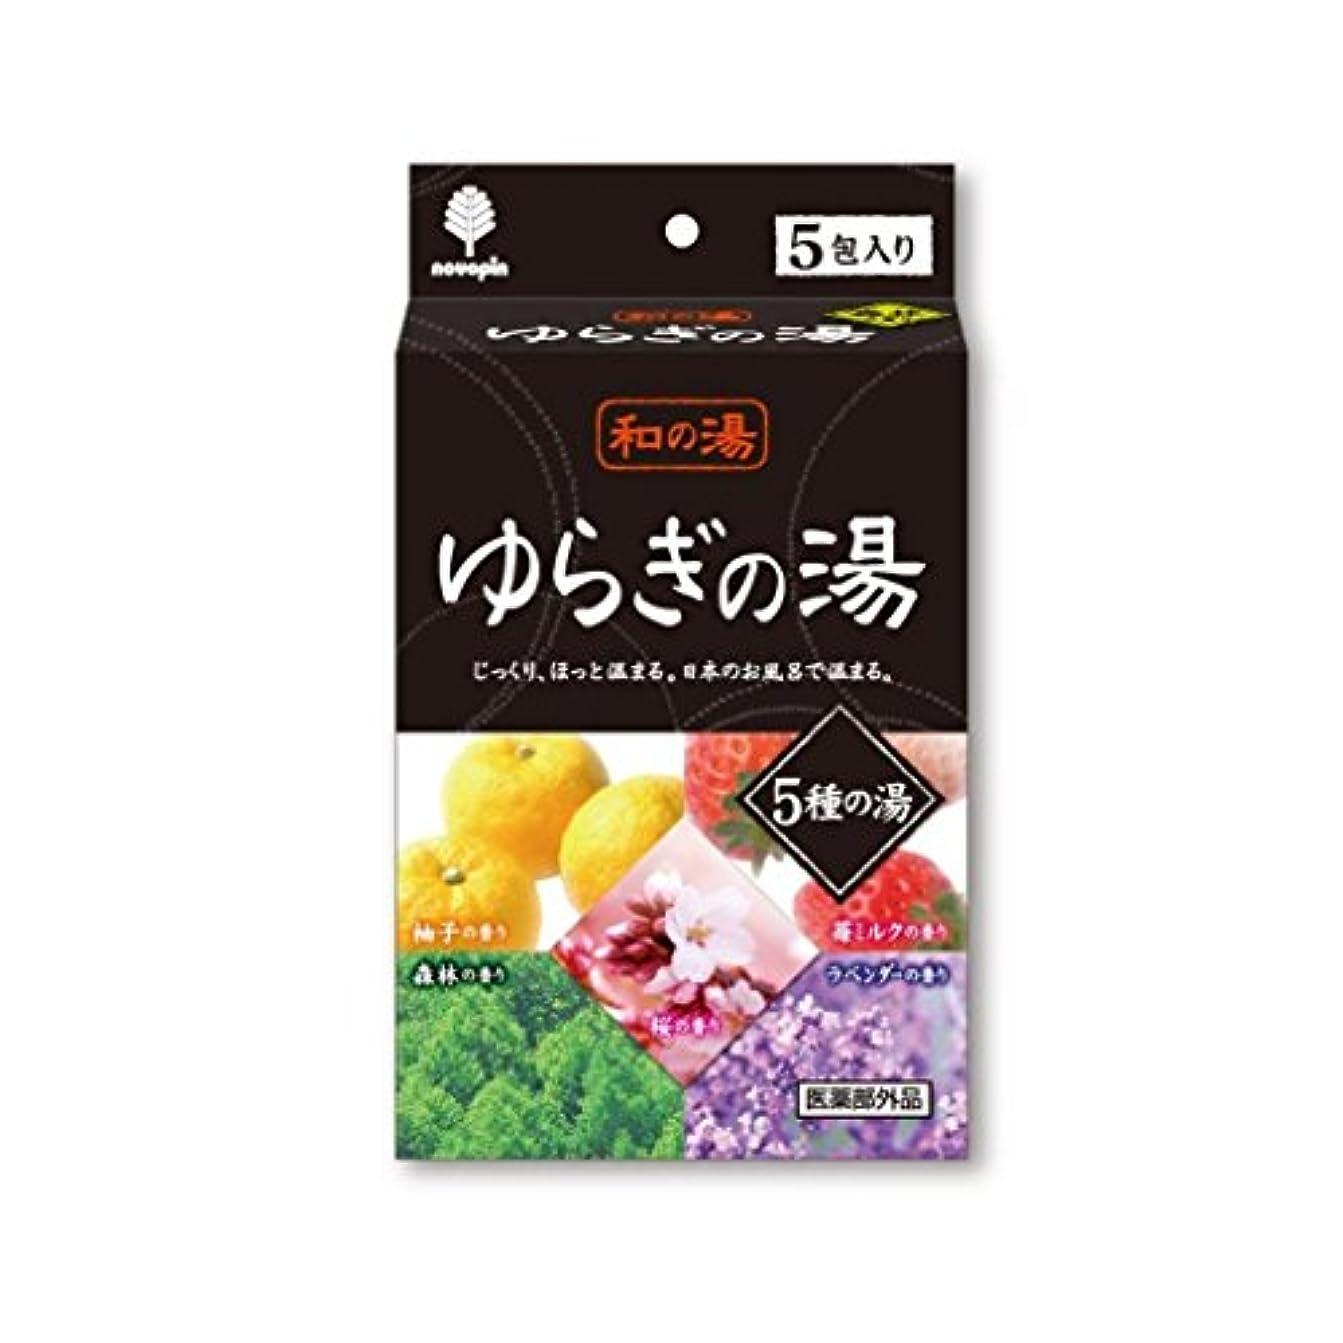 ゆでる効能電卓紀陽除虫菊 日本製 Japan 和の湯 ゆらぎの湯 5種の湯 25g×5包入 【まとめ買い10個セット】